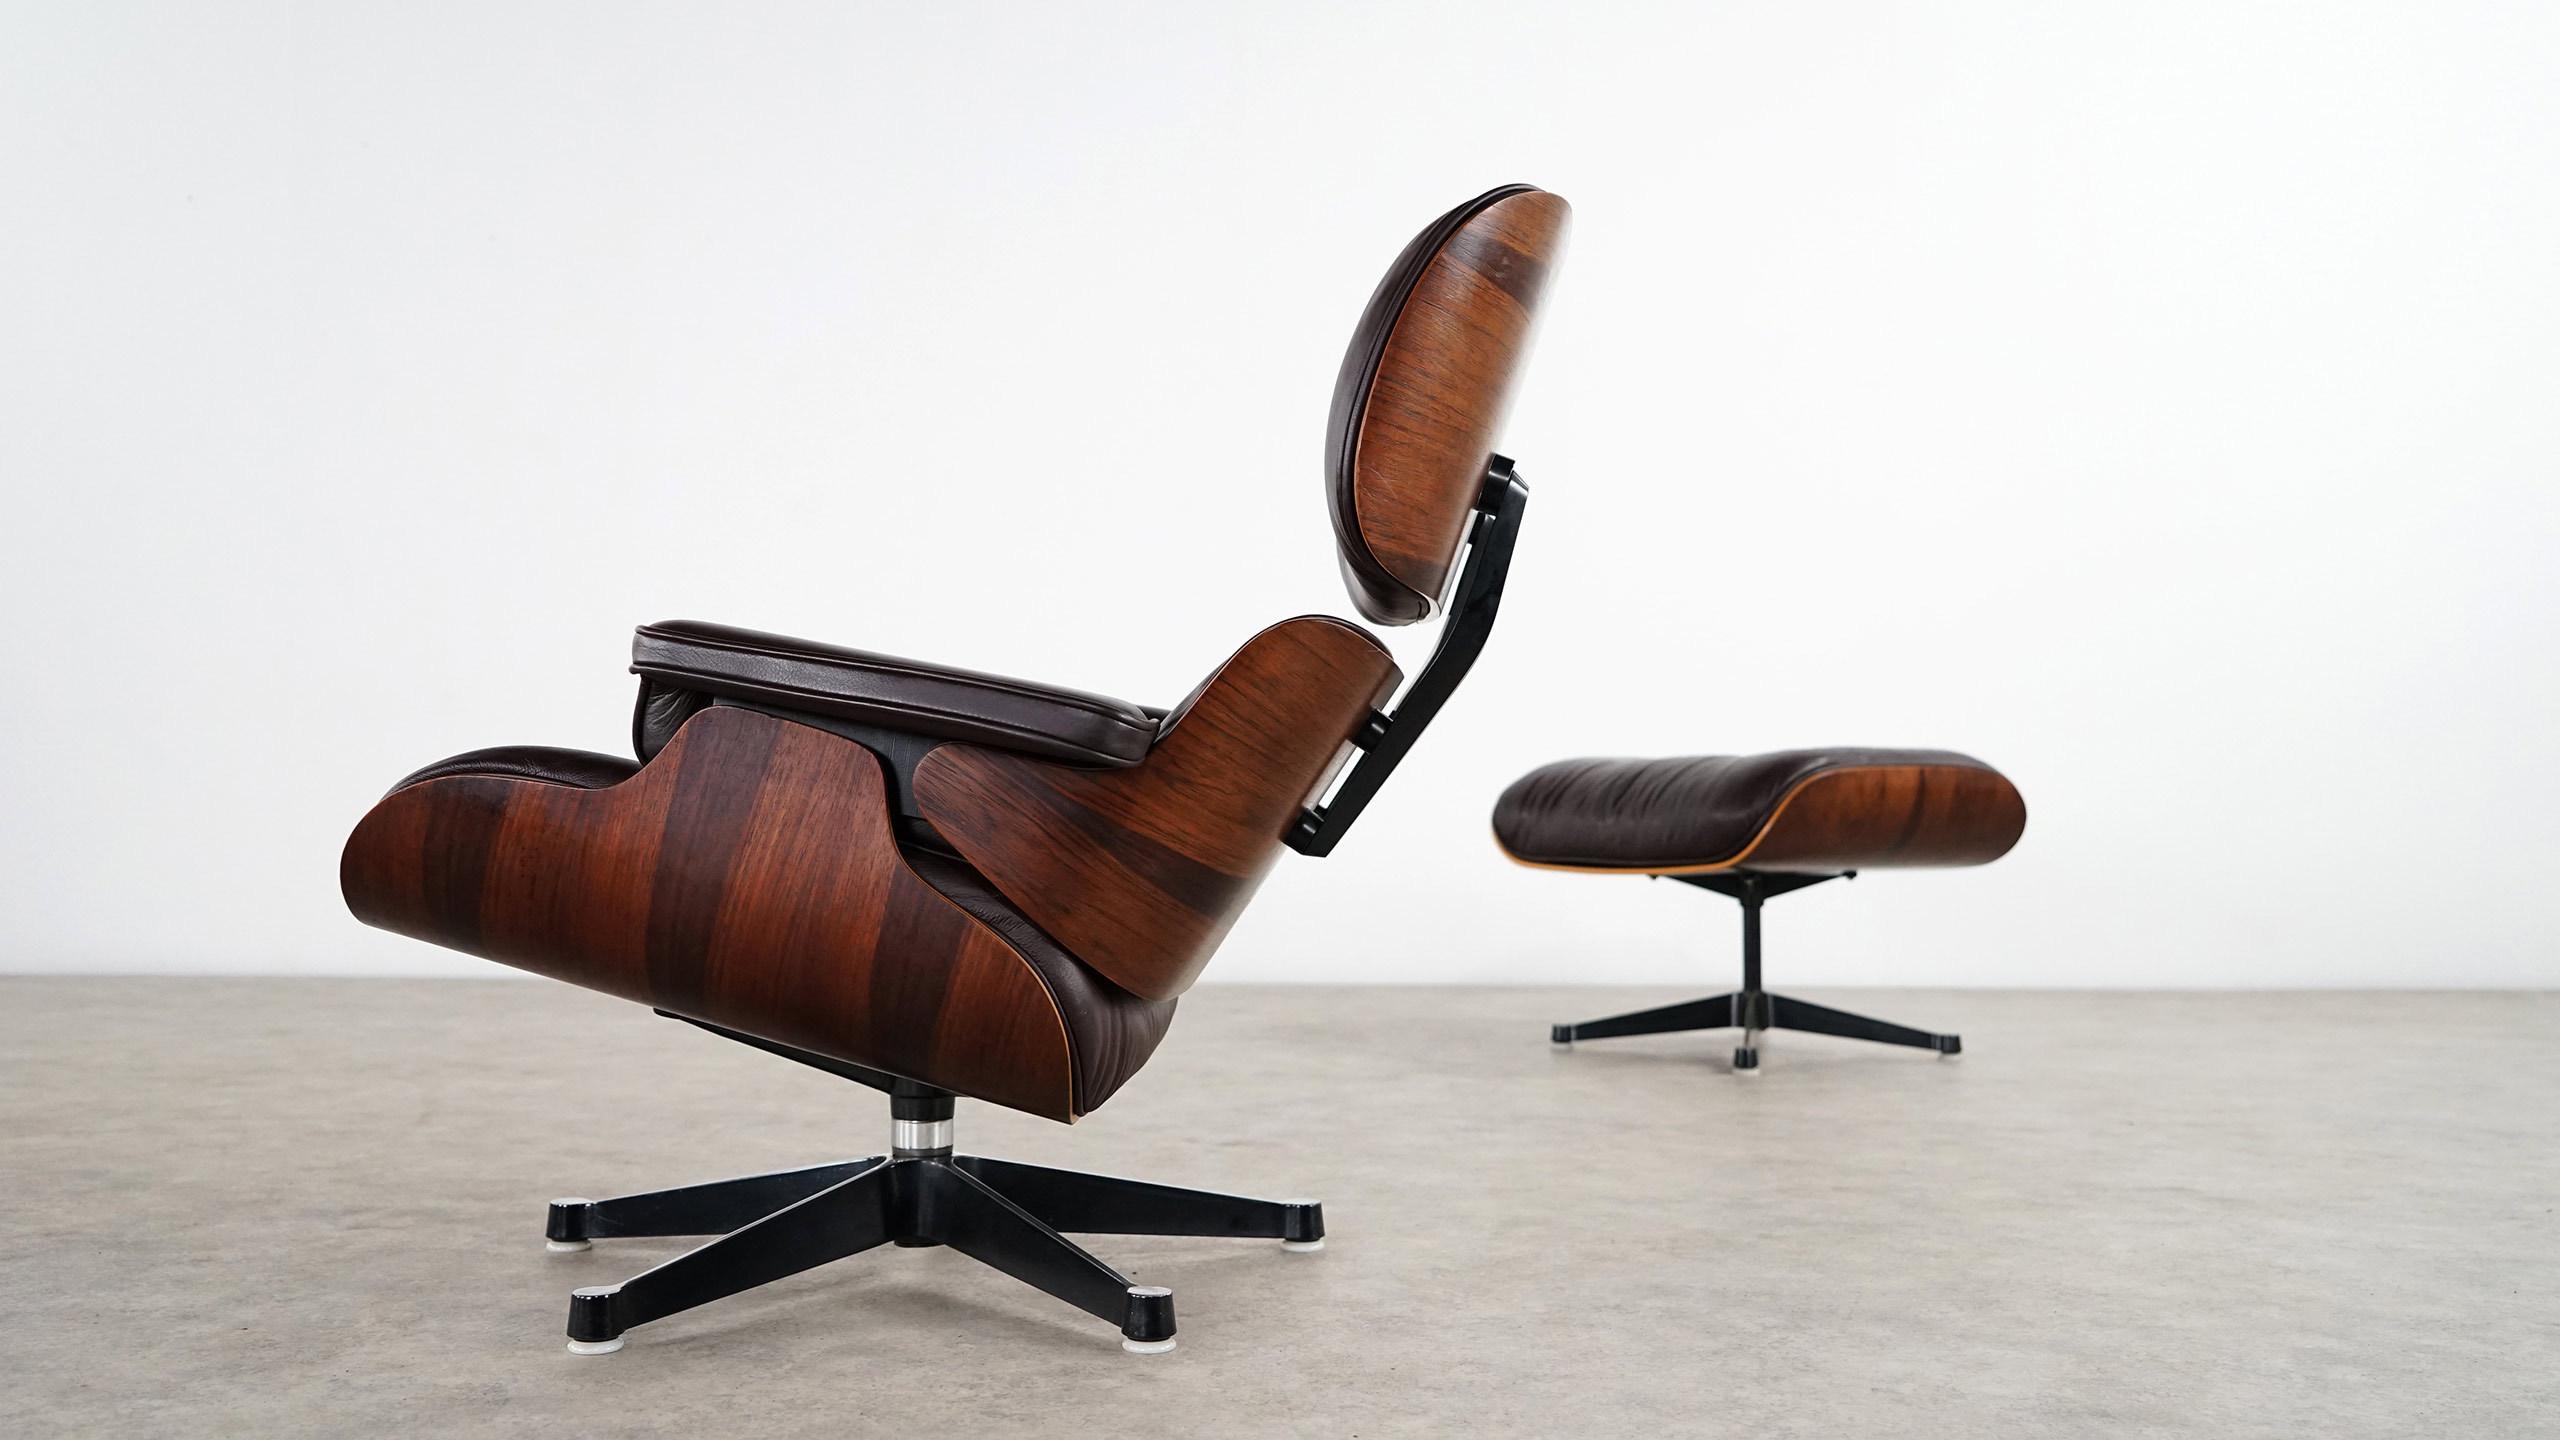 Dimensions: W 33.07 Inch, H 33.07 Inch, D 35.43 Inch: W 84 Cm, H 84 Cm, D  90 Cm; Designer: Charles Eames; Manufacturer: Herman Miller · Vitra ...